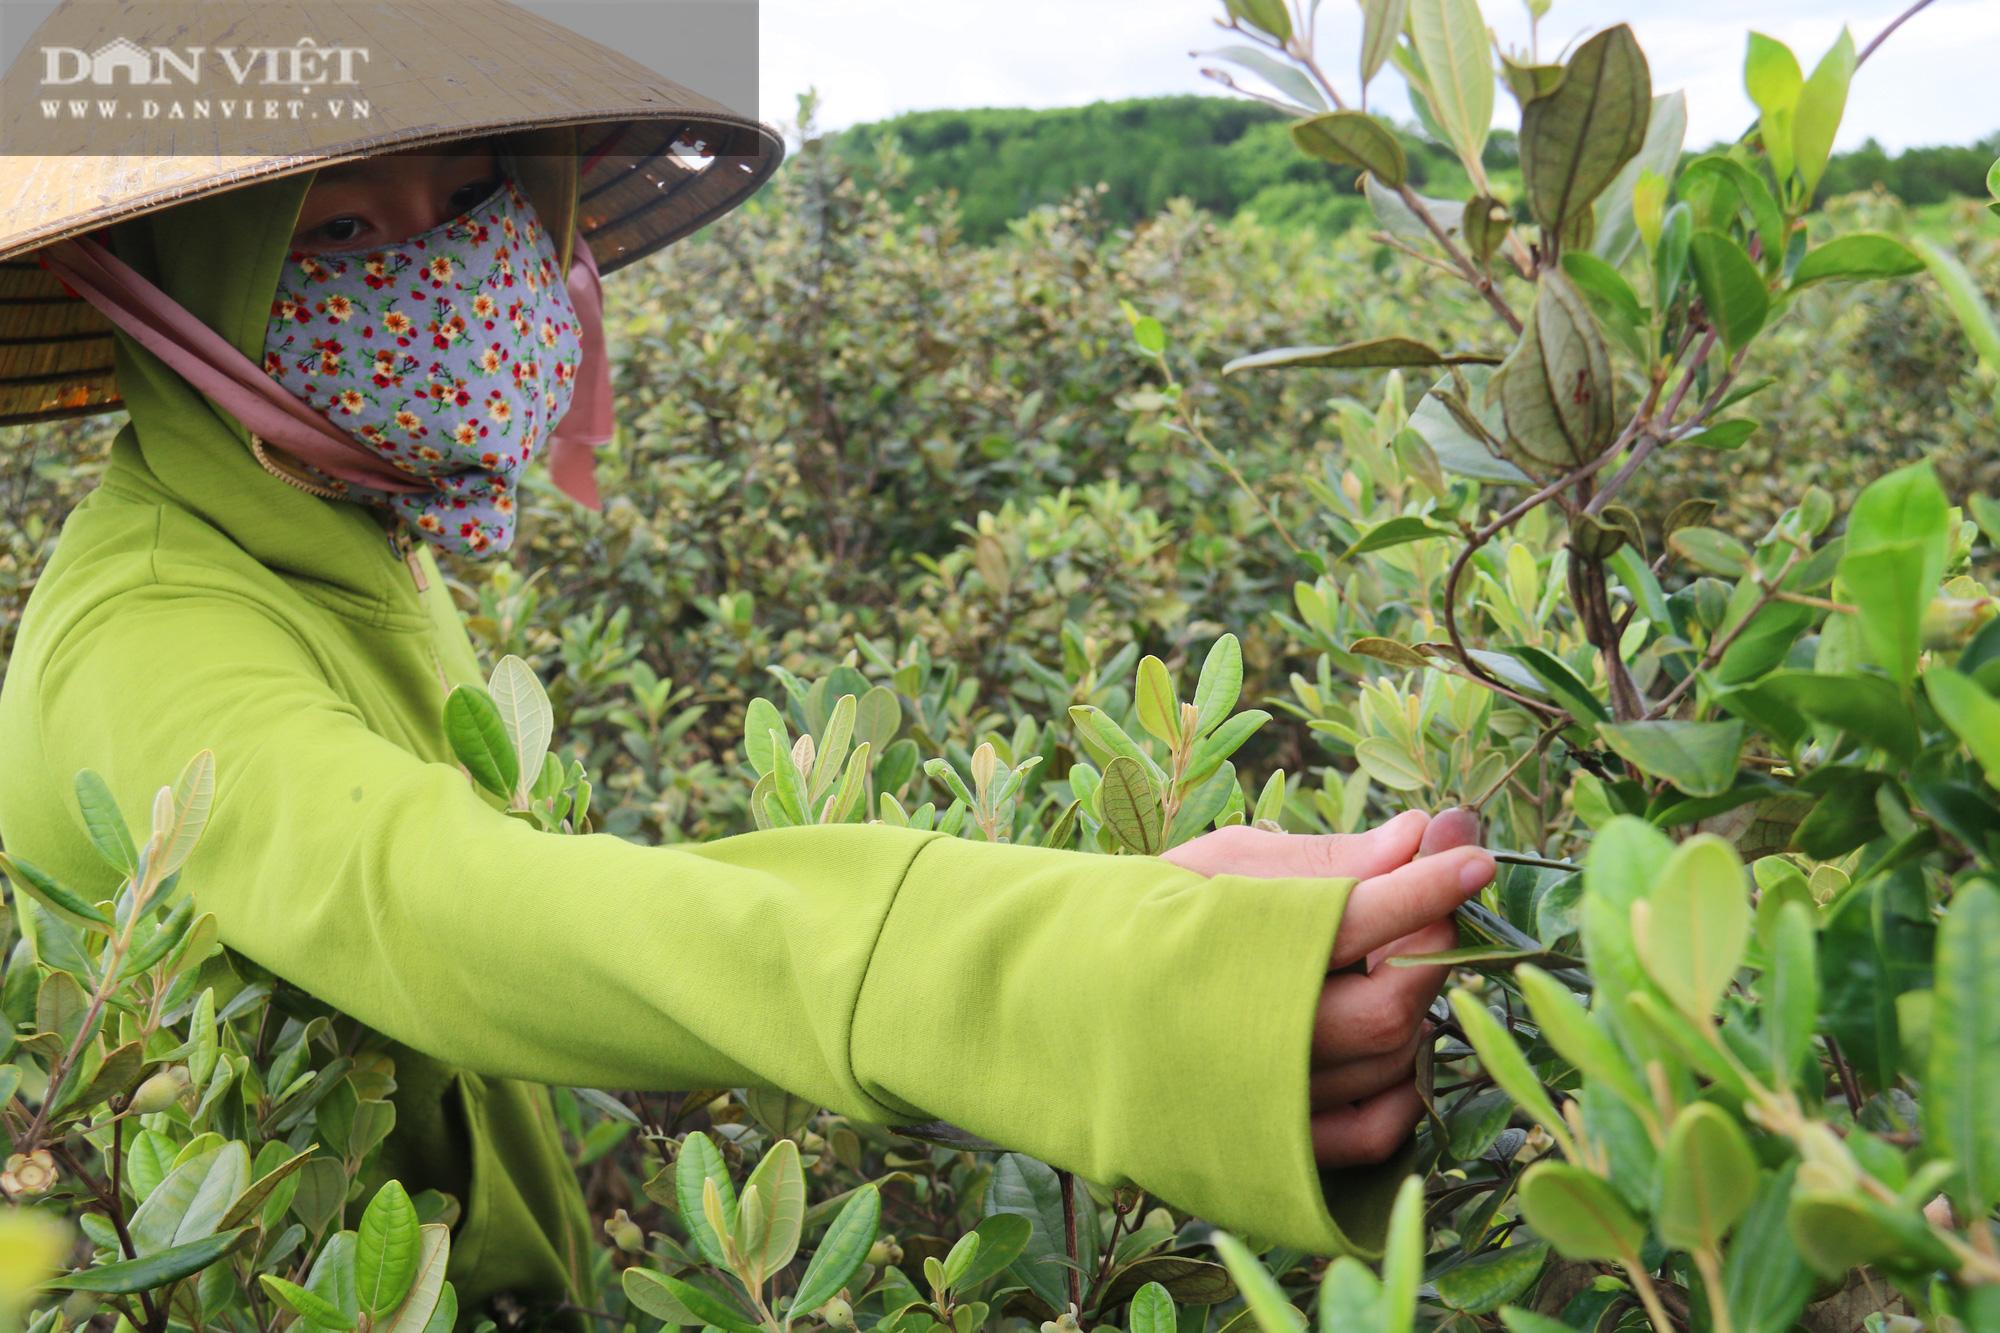 Hà Tĩnh: Người dân đổ xô lên đồi hái sim rừng, kiếm tiền triệu mỗi ngày - Ảnh 3.